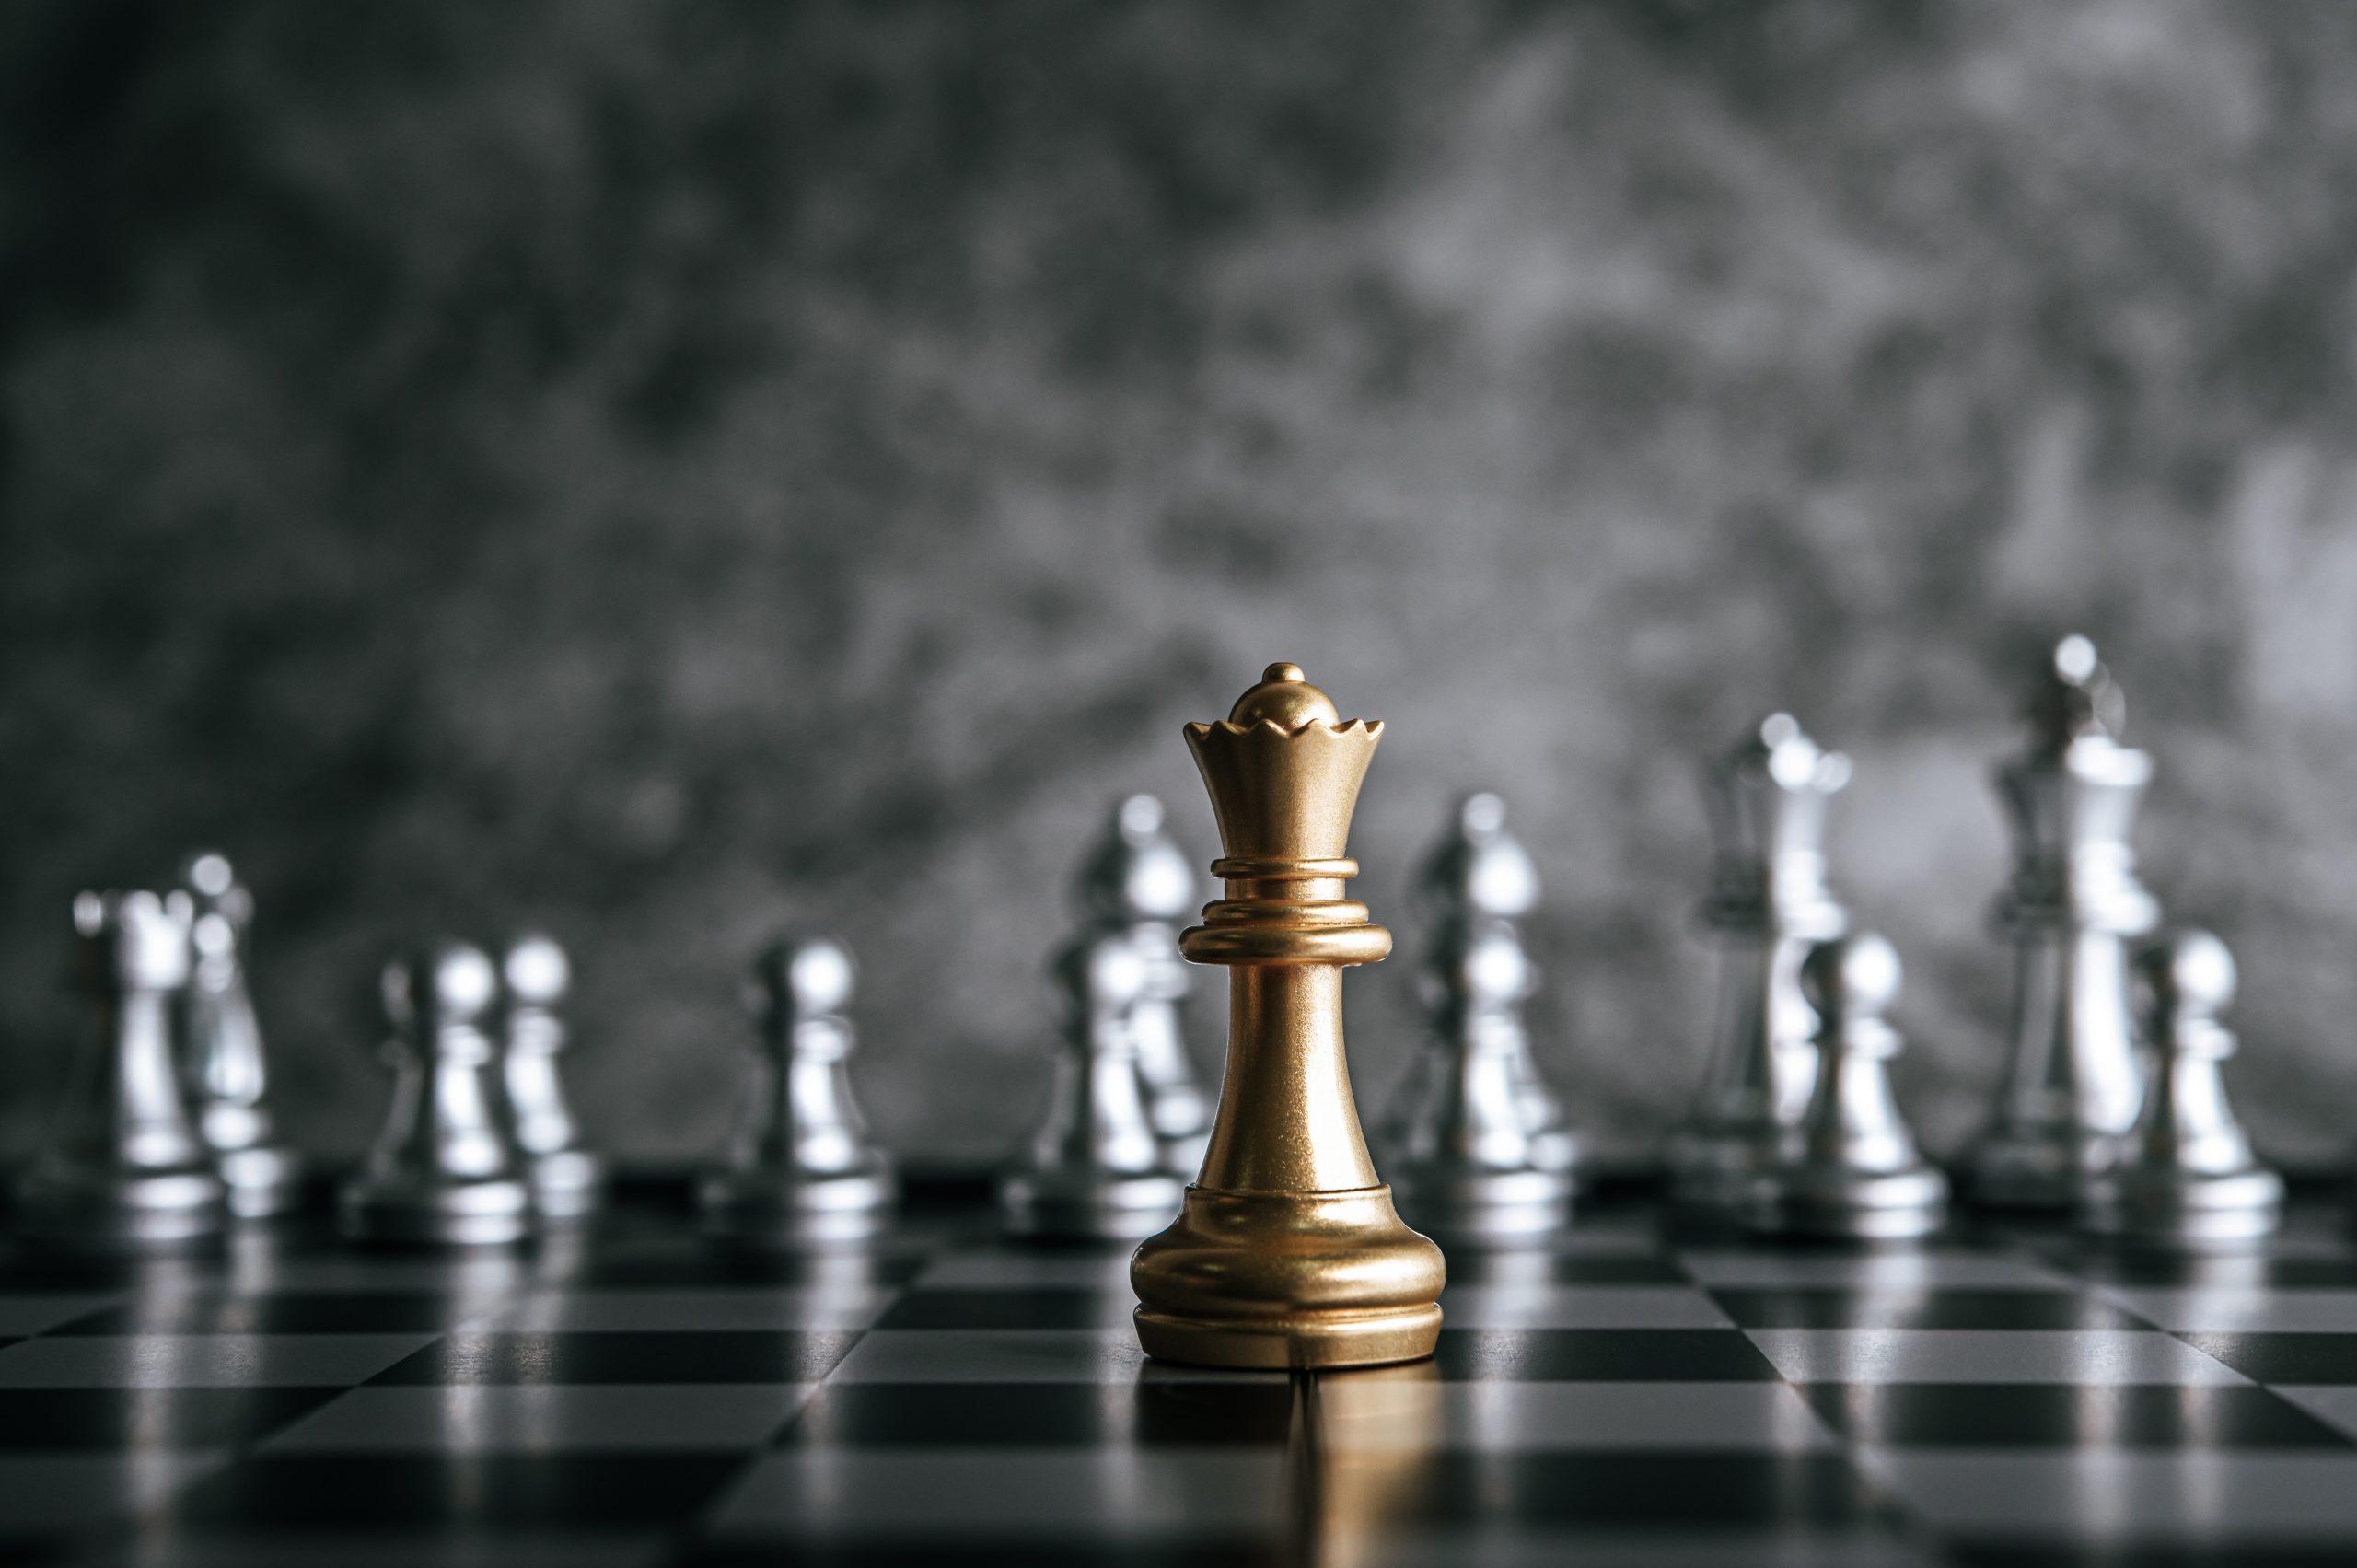 Рыночная доля контрагента:  почему о ней стоит знать до заключения договора?